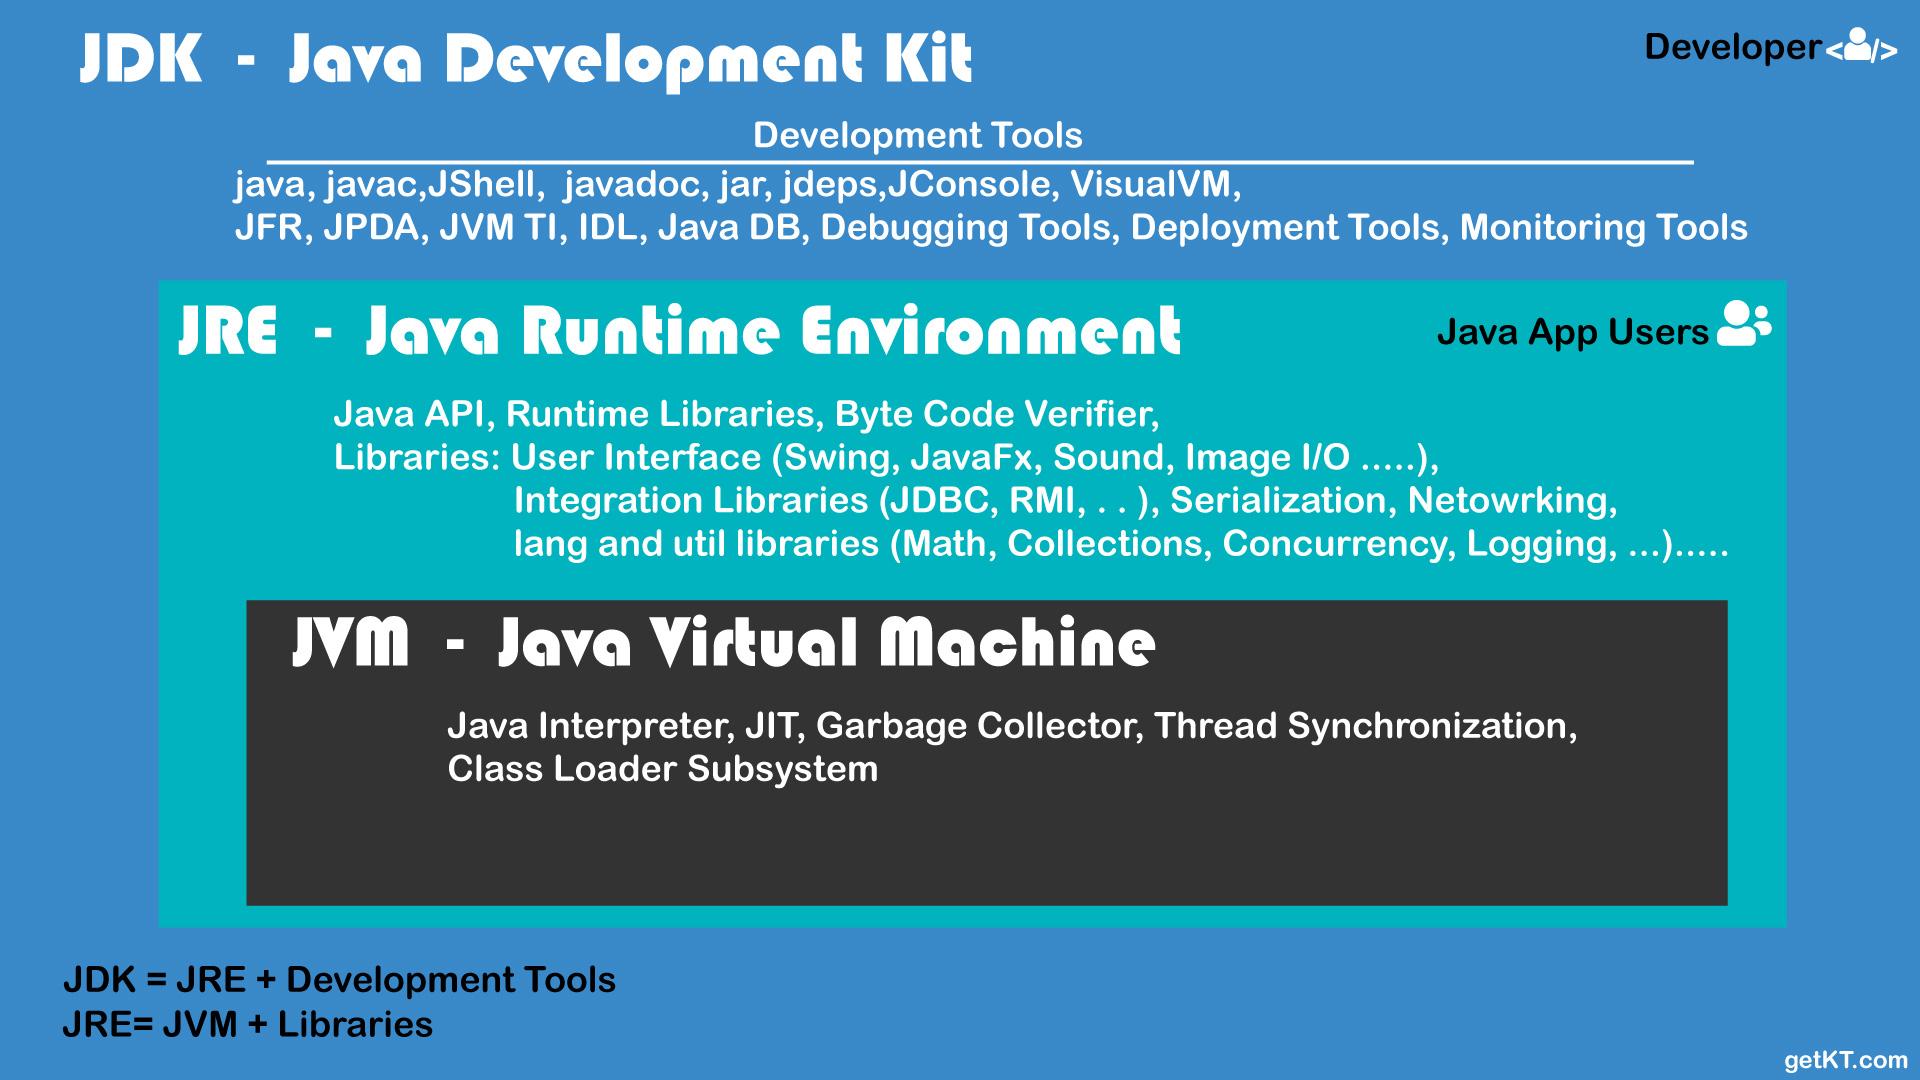 Understand JDK vs JRE vs JVM